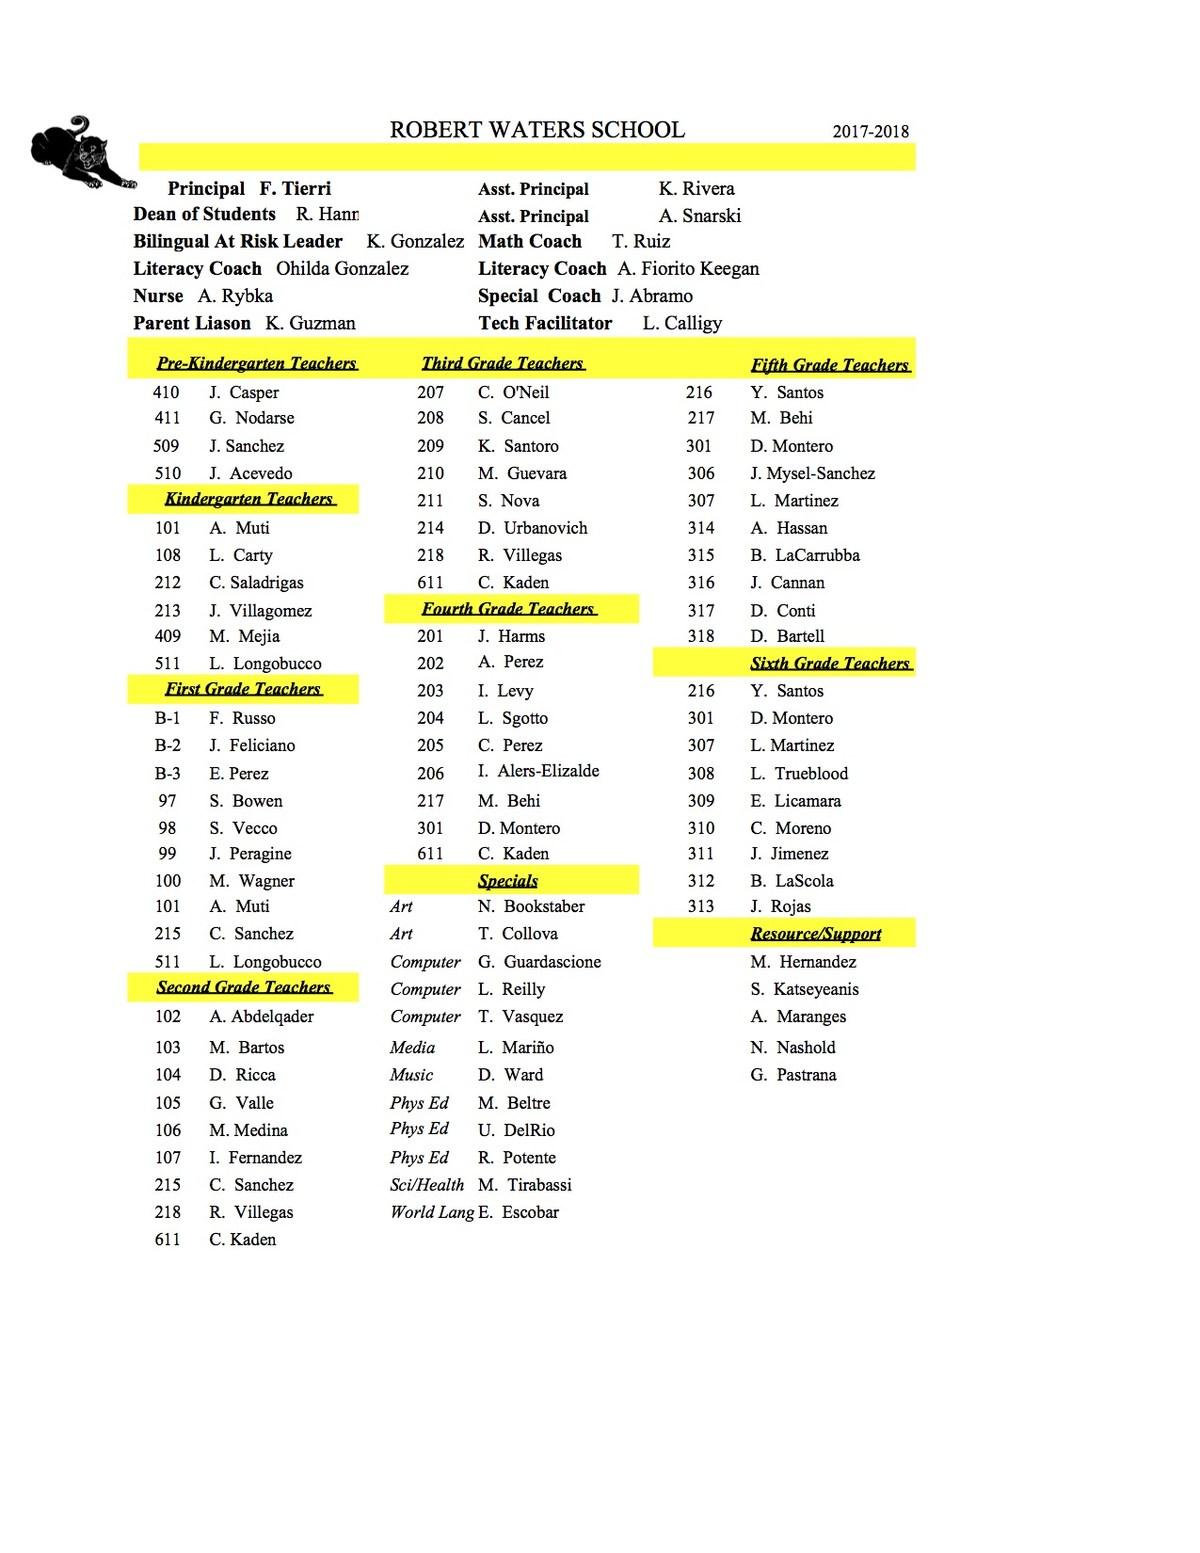 rws staff list